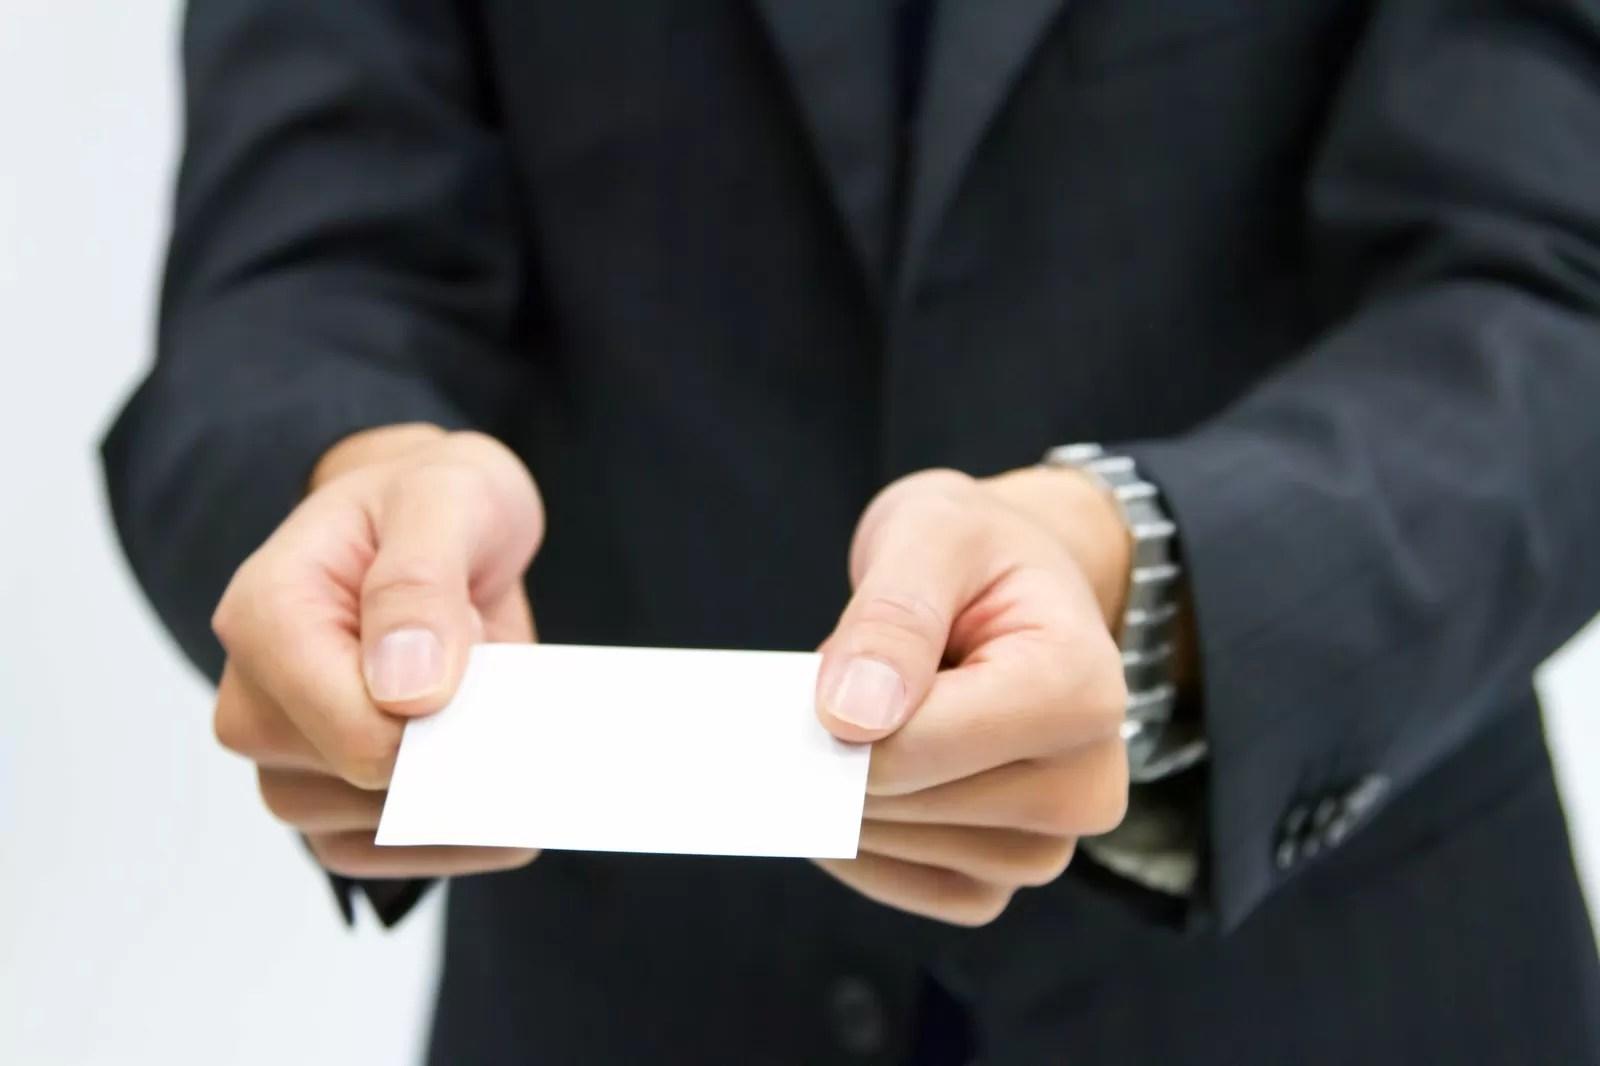 名刺を渡す写真